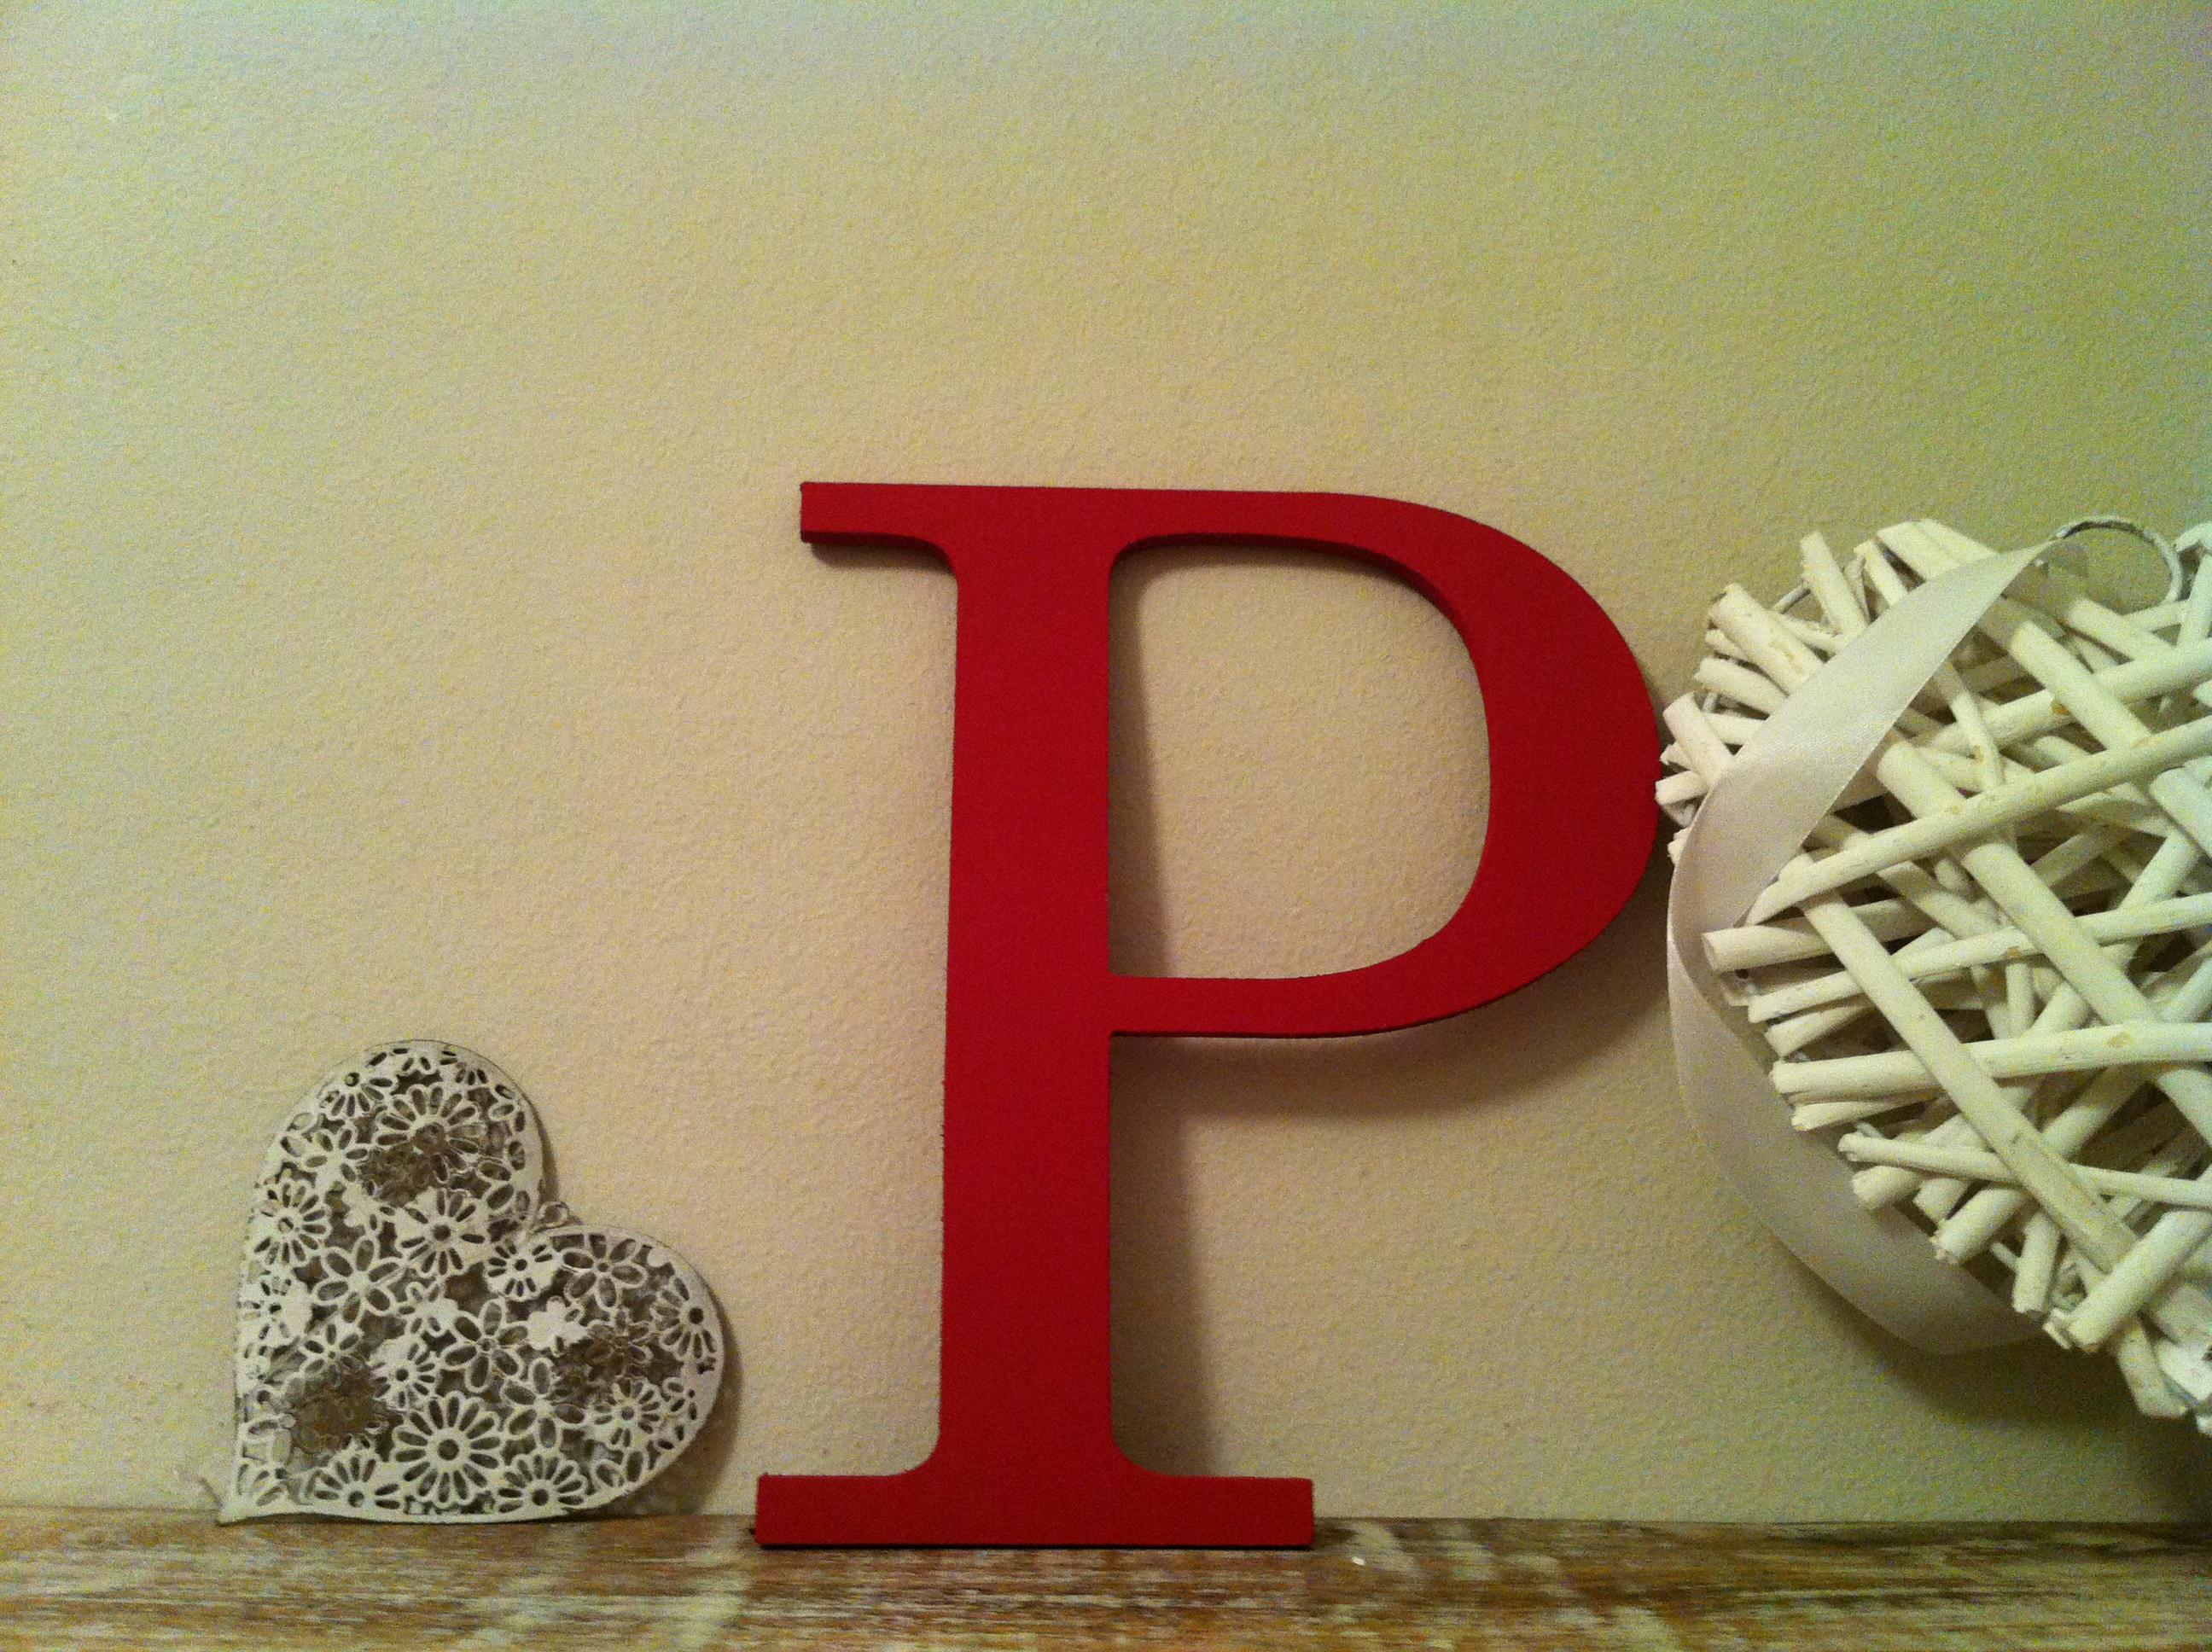 خلفيات حرف p